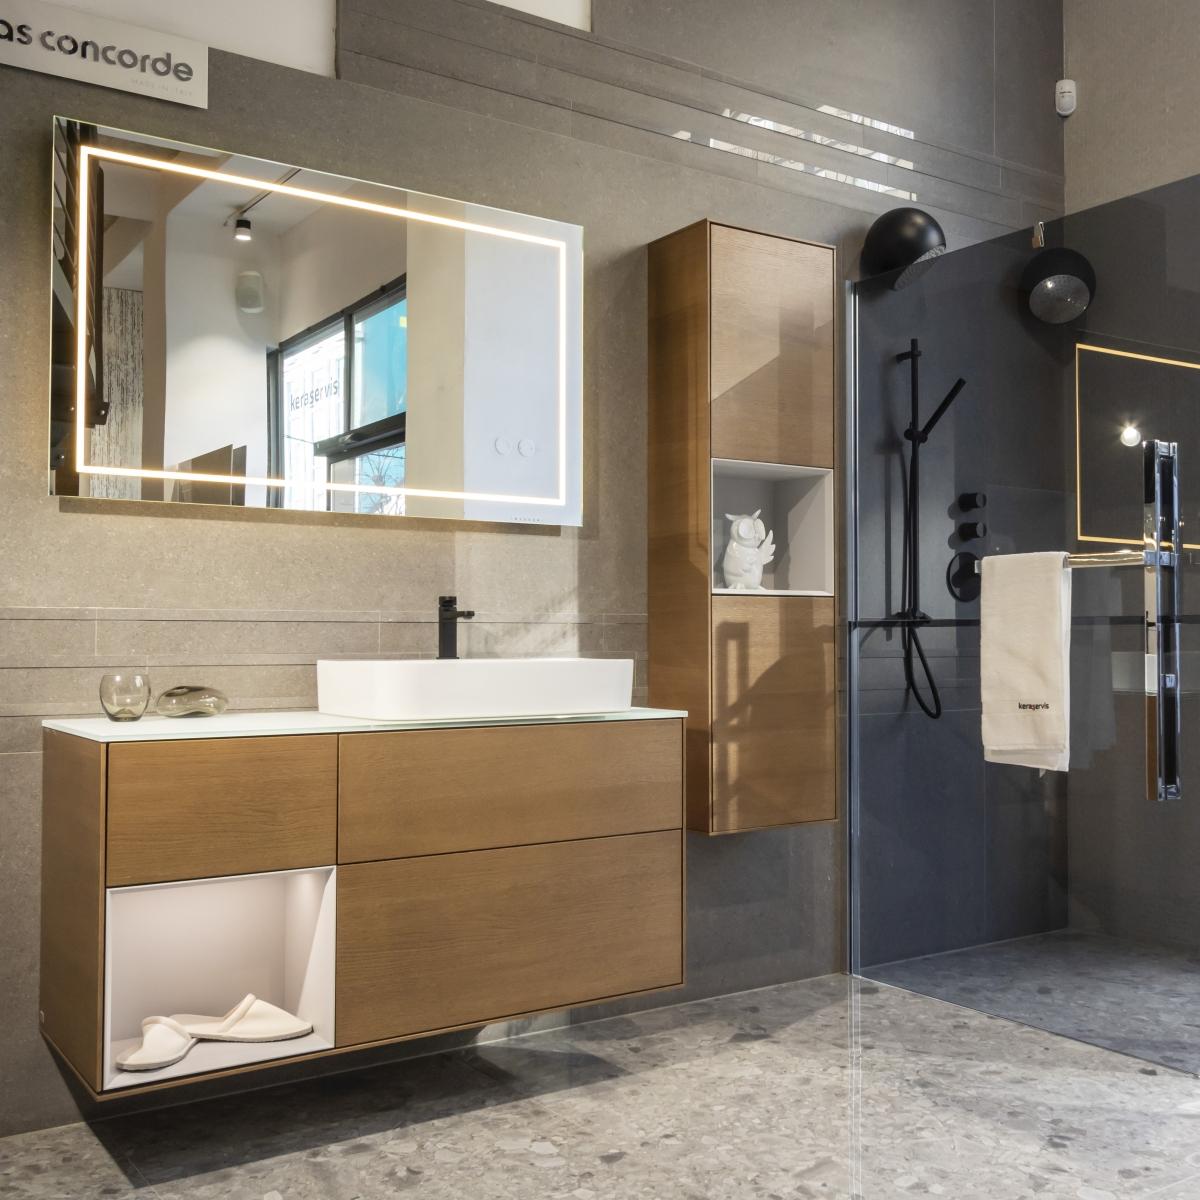 Designová koupelna s volně stojící vanou 4